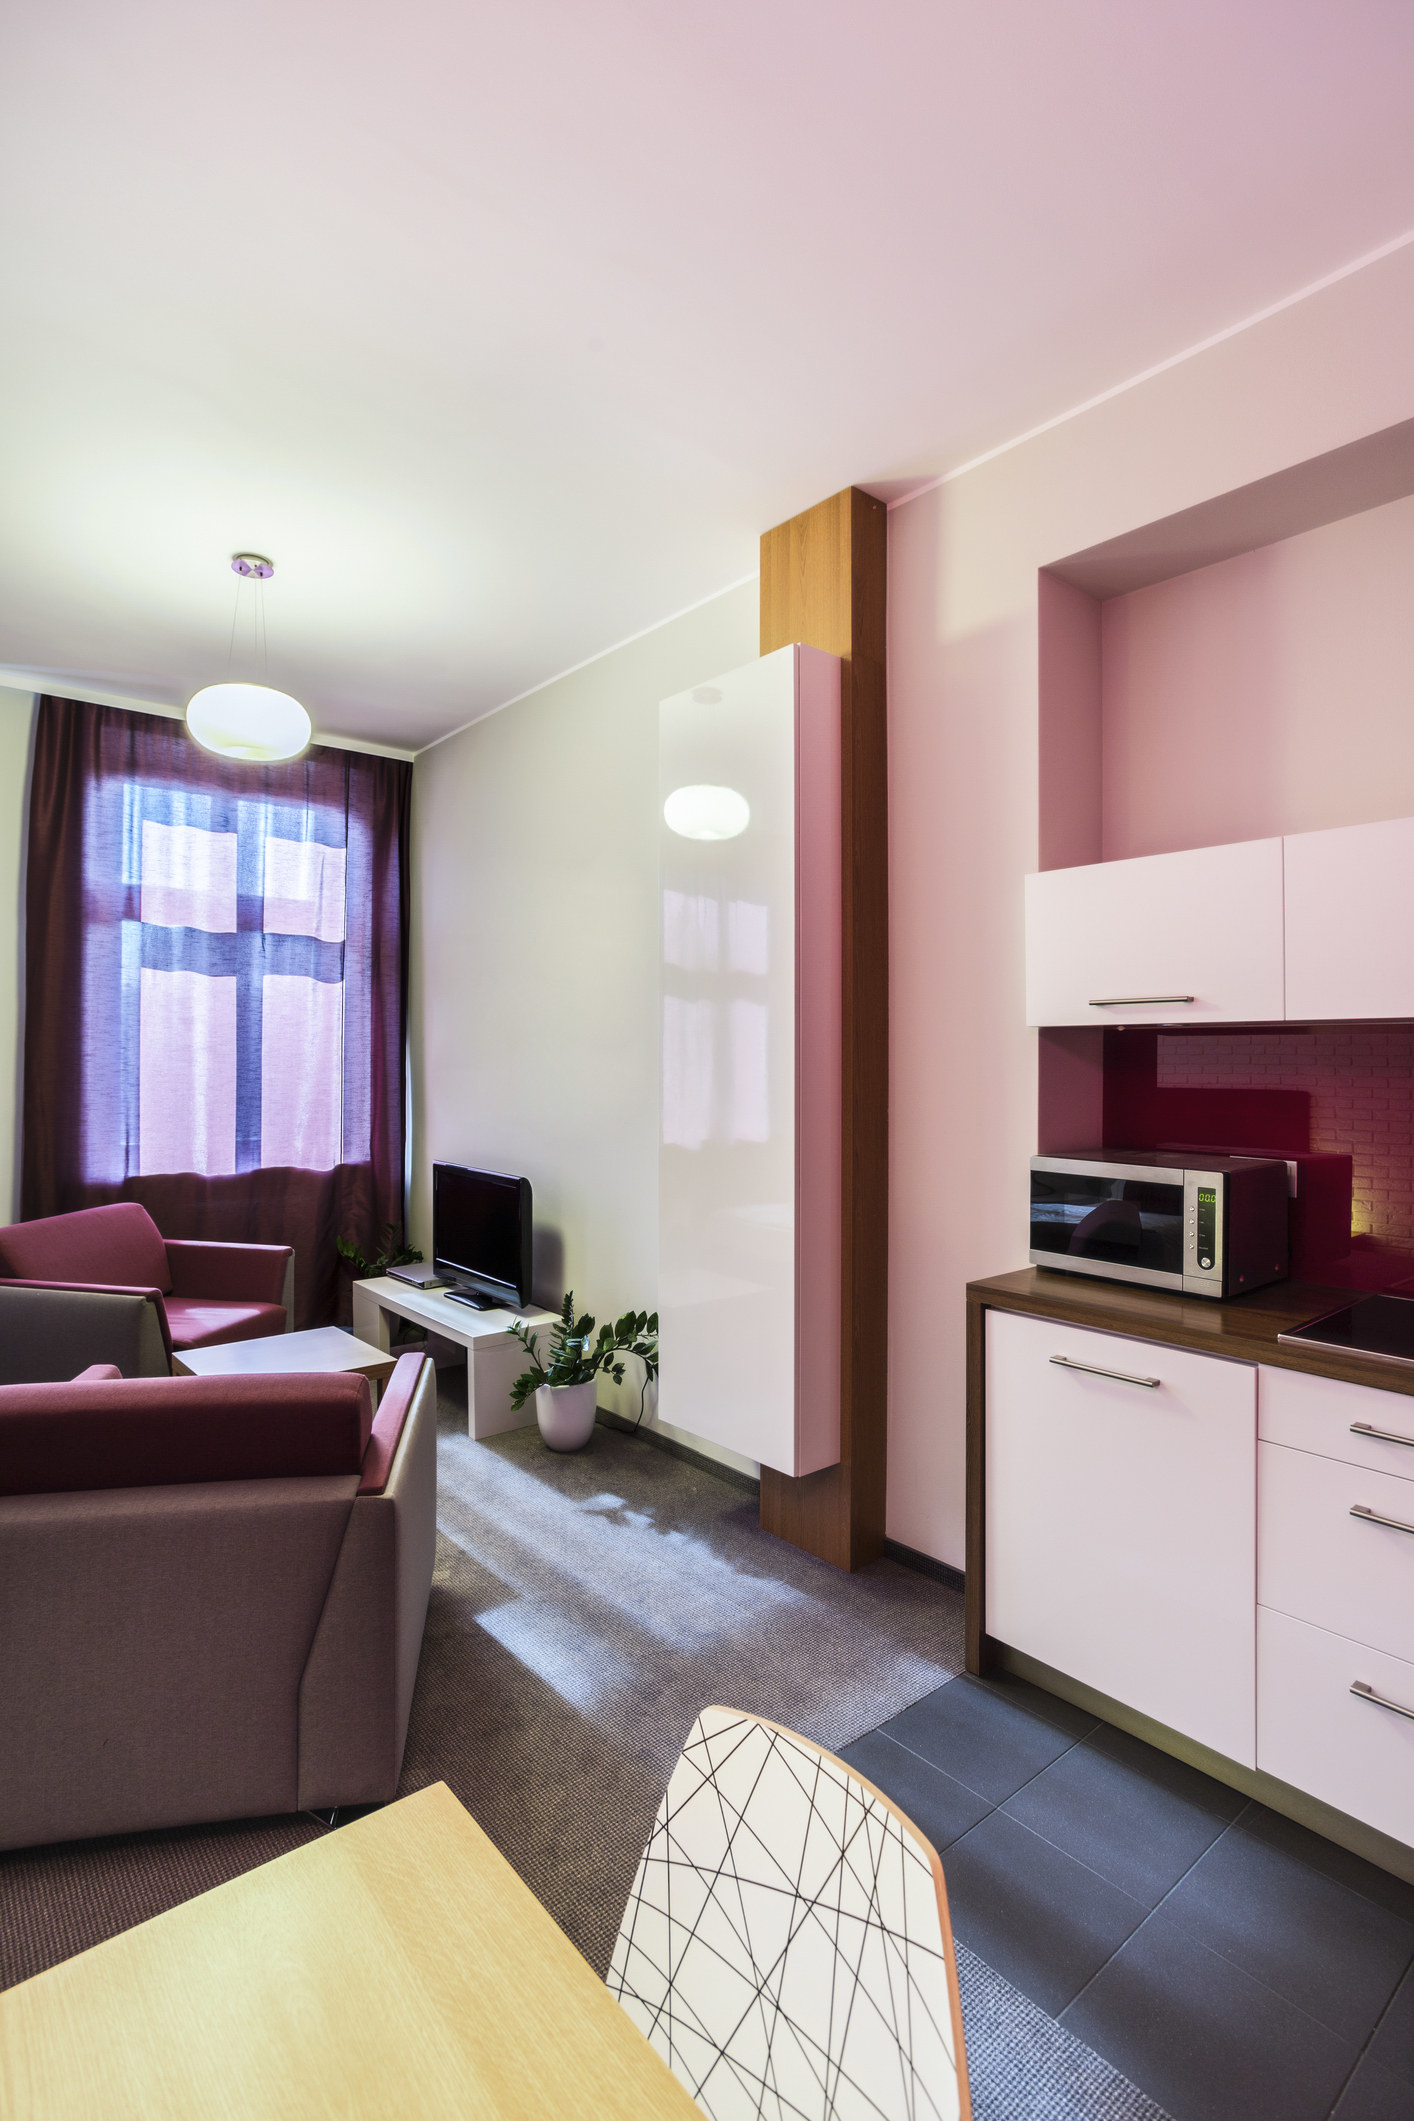 24 tricks um deine kleine wohnung so viel gr er erscheinen zu lassen. Black Bedroom Furniture Sets. Home Design Ideas